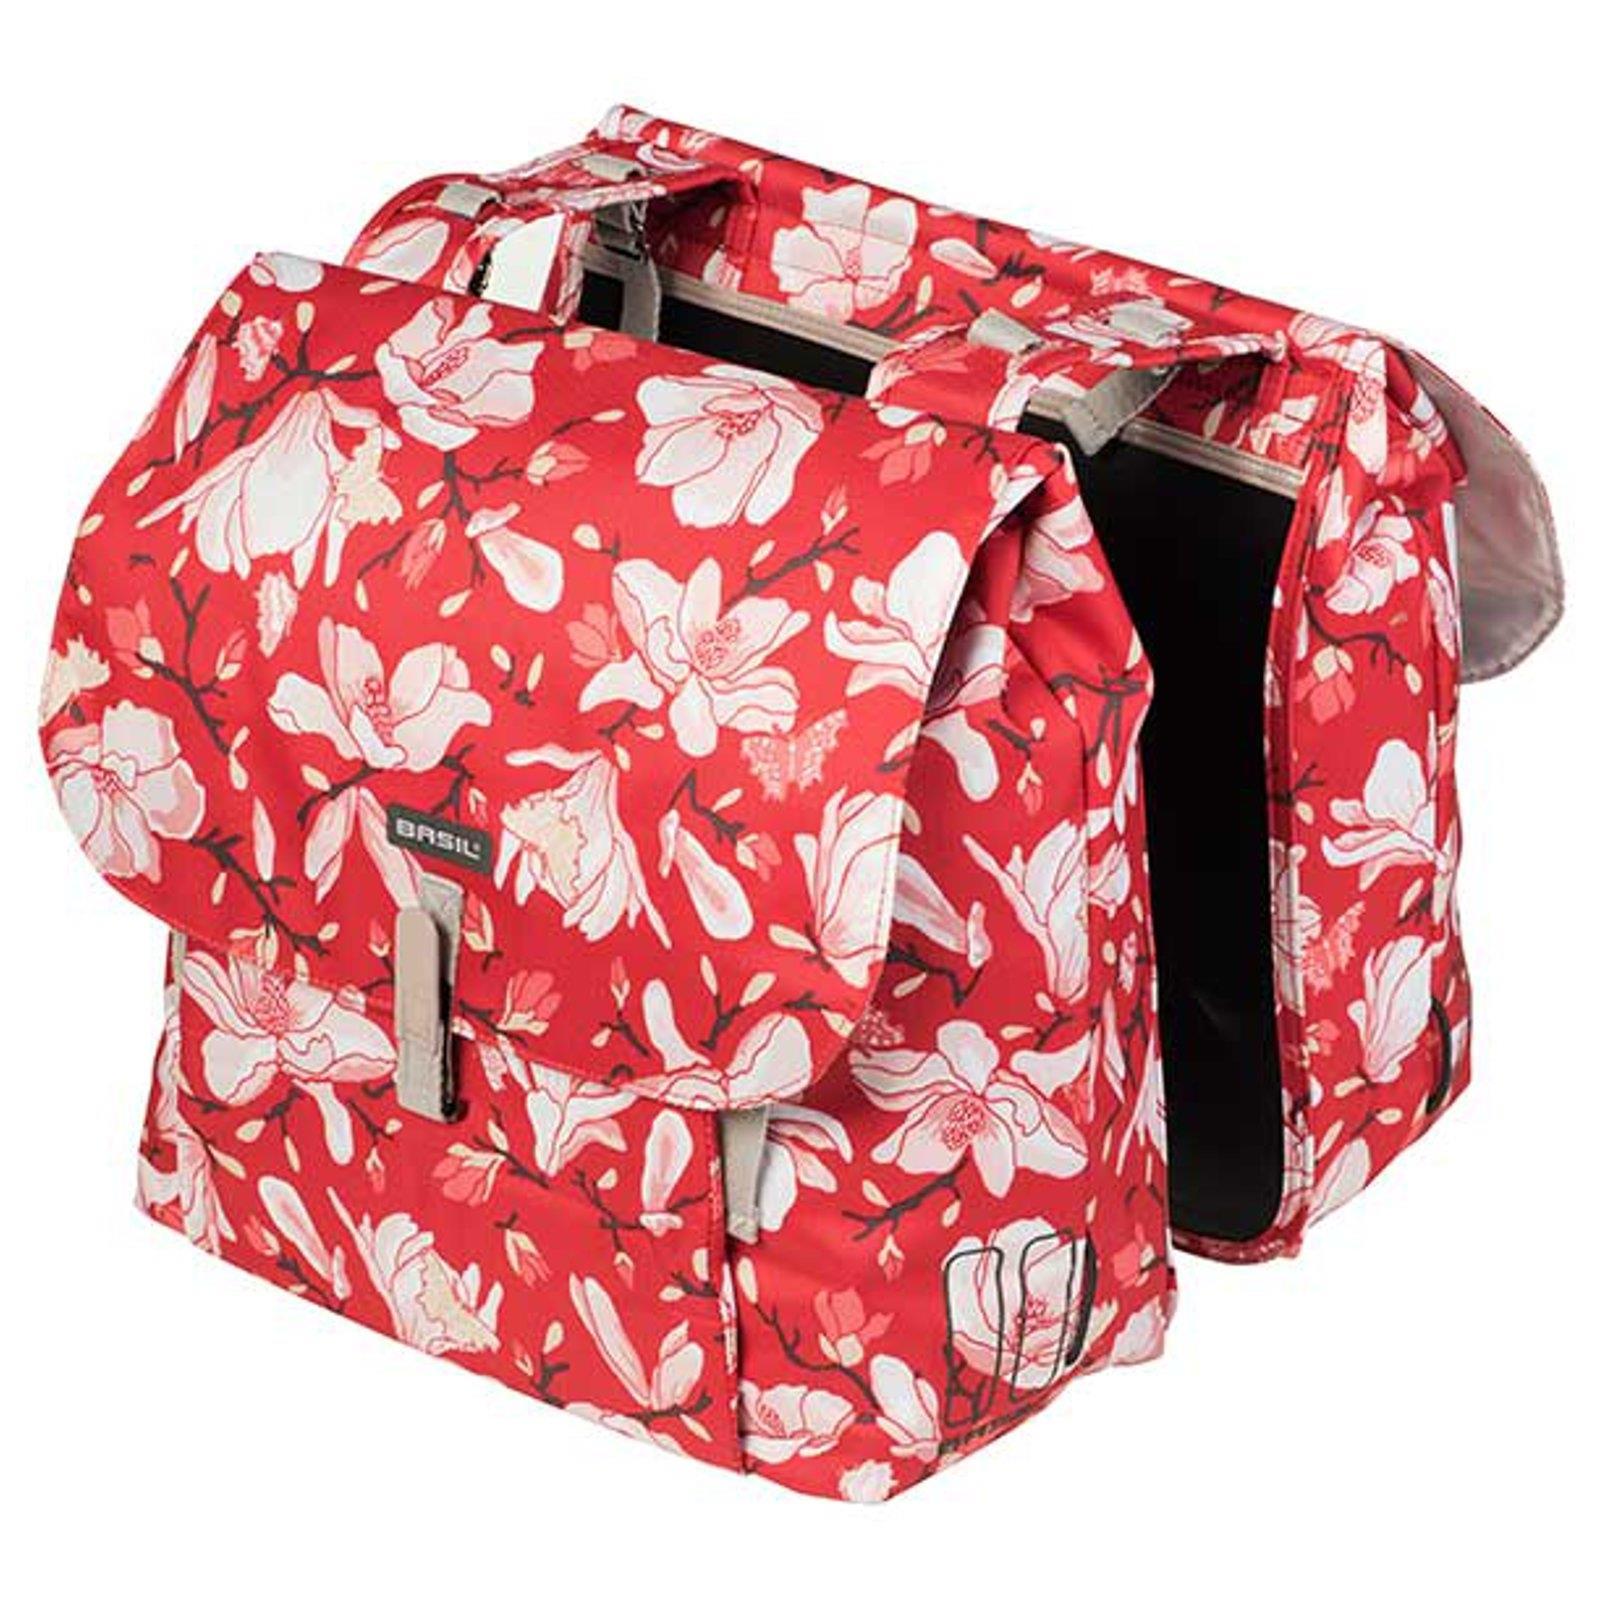 Basil Doppeltasche MAGNOLIA DOUBLE BAG 35 Liter blackberry